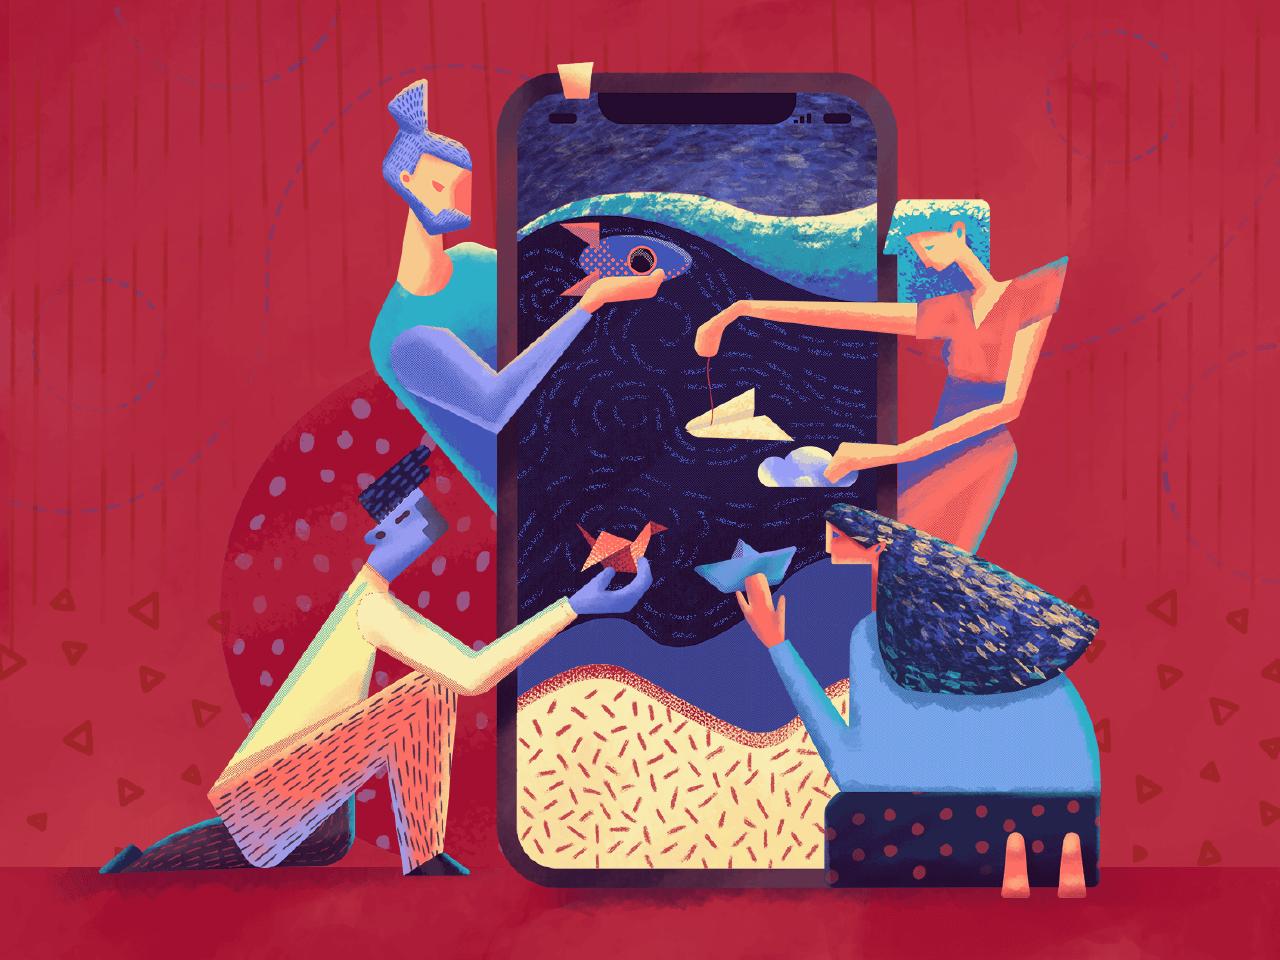 motion_in_ui_graphic design illustration_tubik